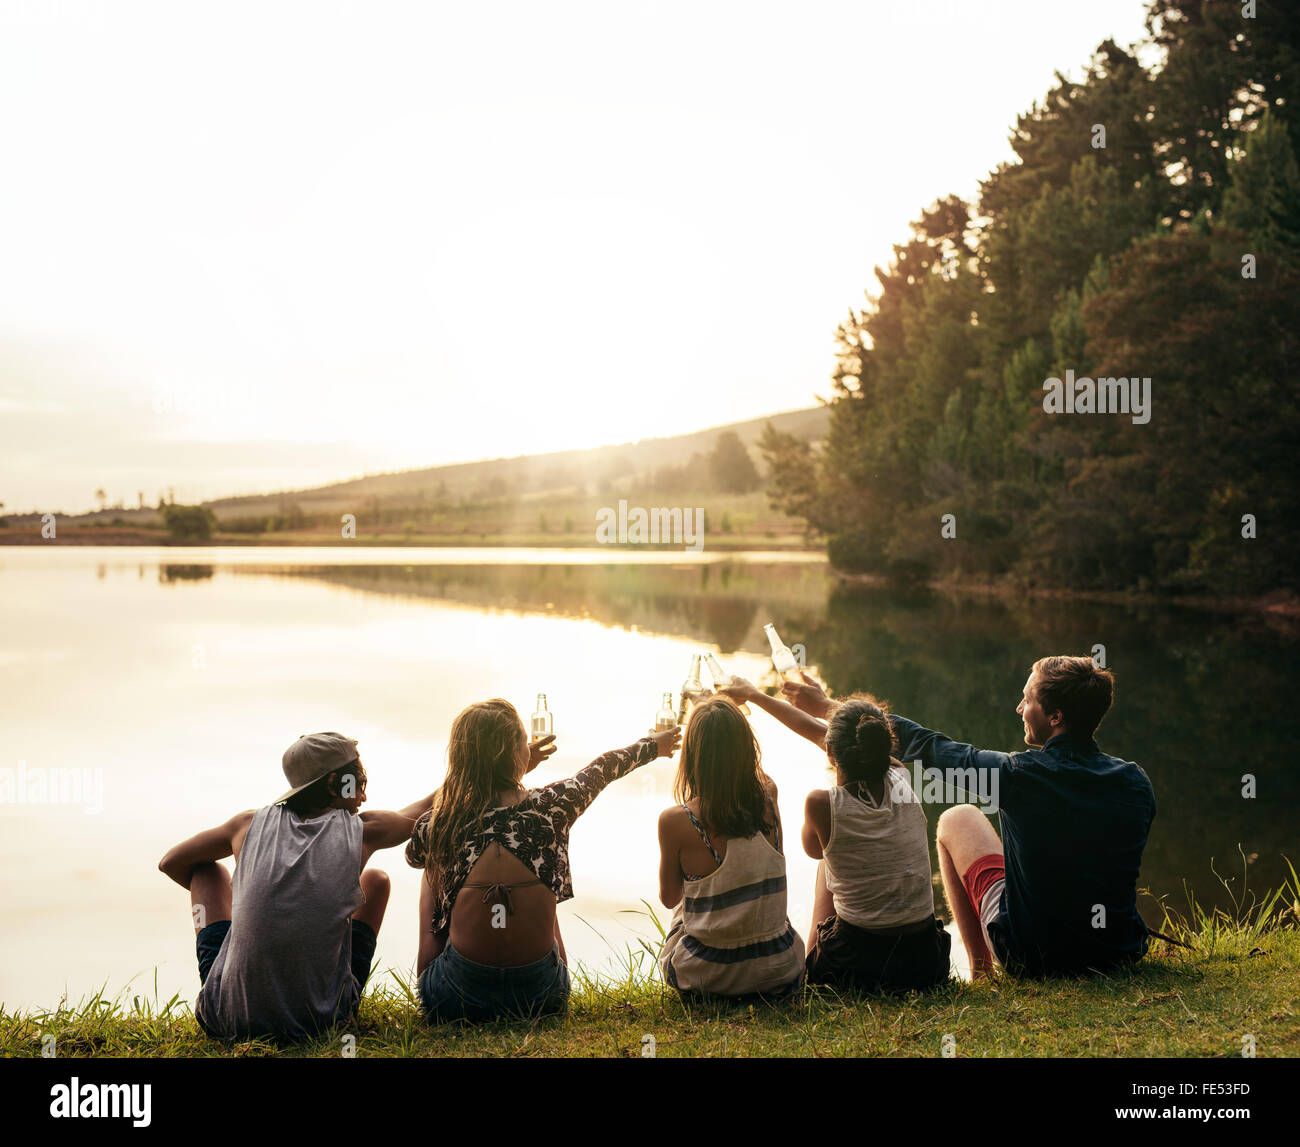 Gruppe junger Leute sitzen in einer Reihe an einem See. Junge Freunde, toasten und mit Bier am See zu feiern. Stockbild